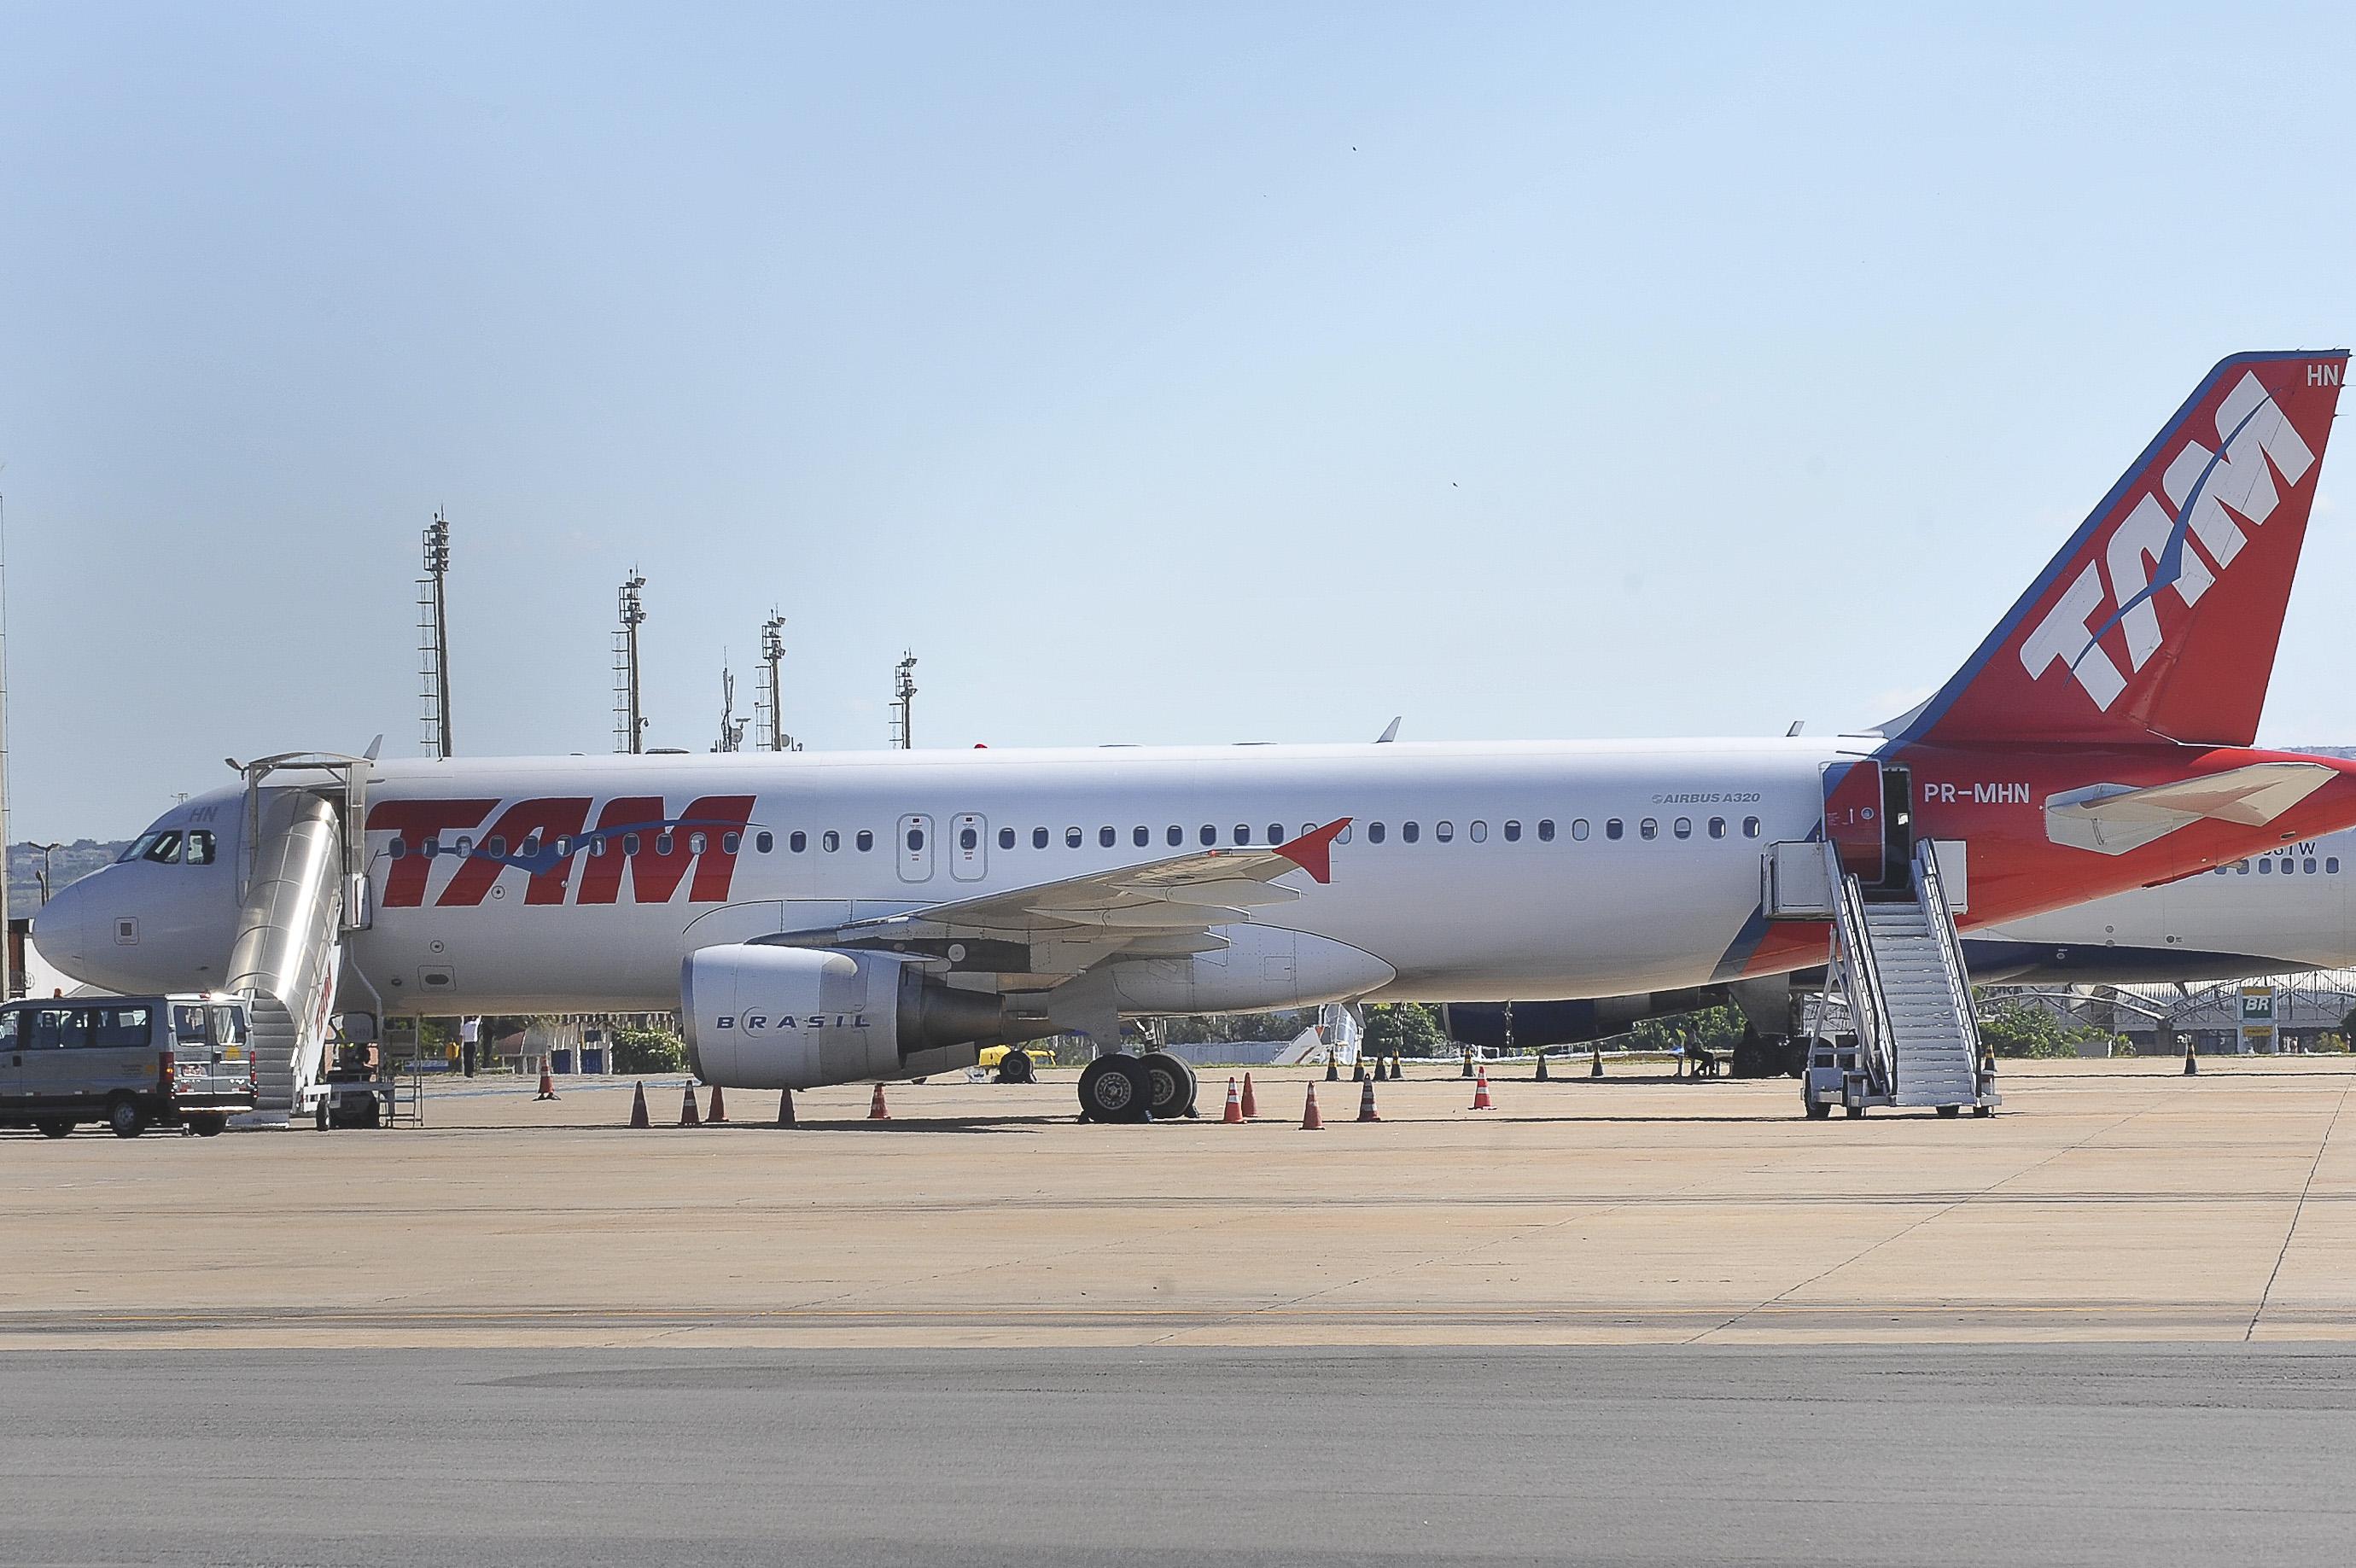 EBC Justiça Federal absolve réus por acidente com avião da TAM em  #3F668C 2760x1837 Banheiro De Avião Internacional